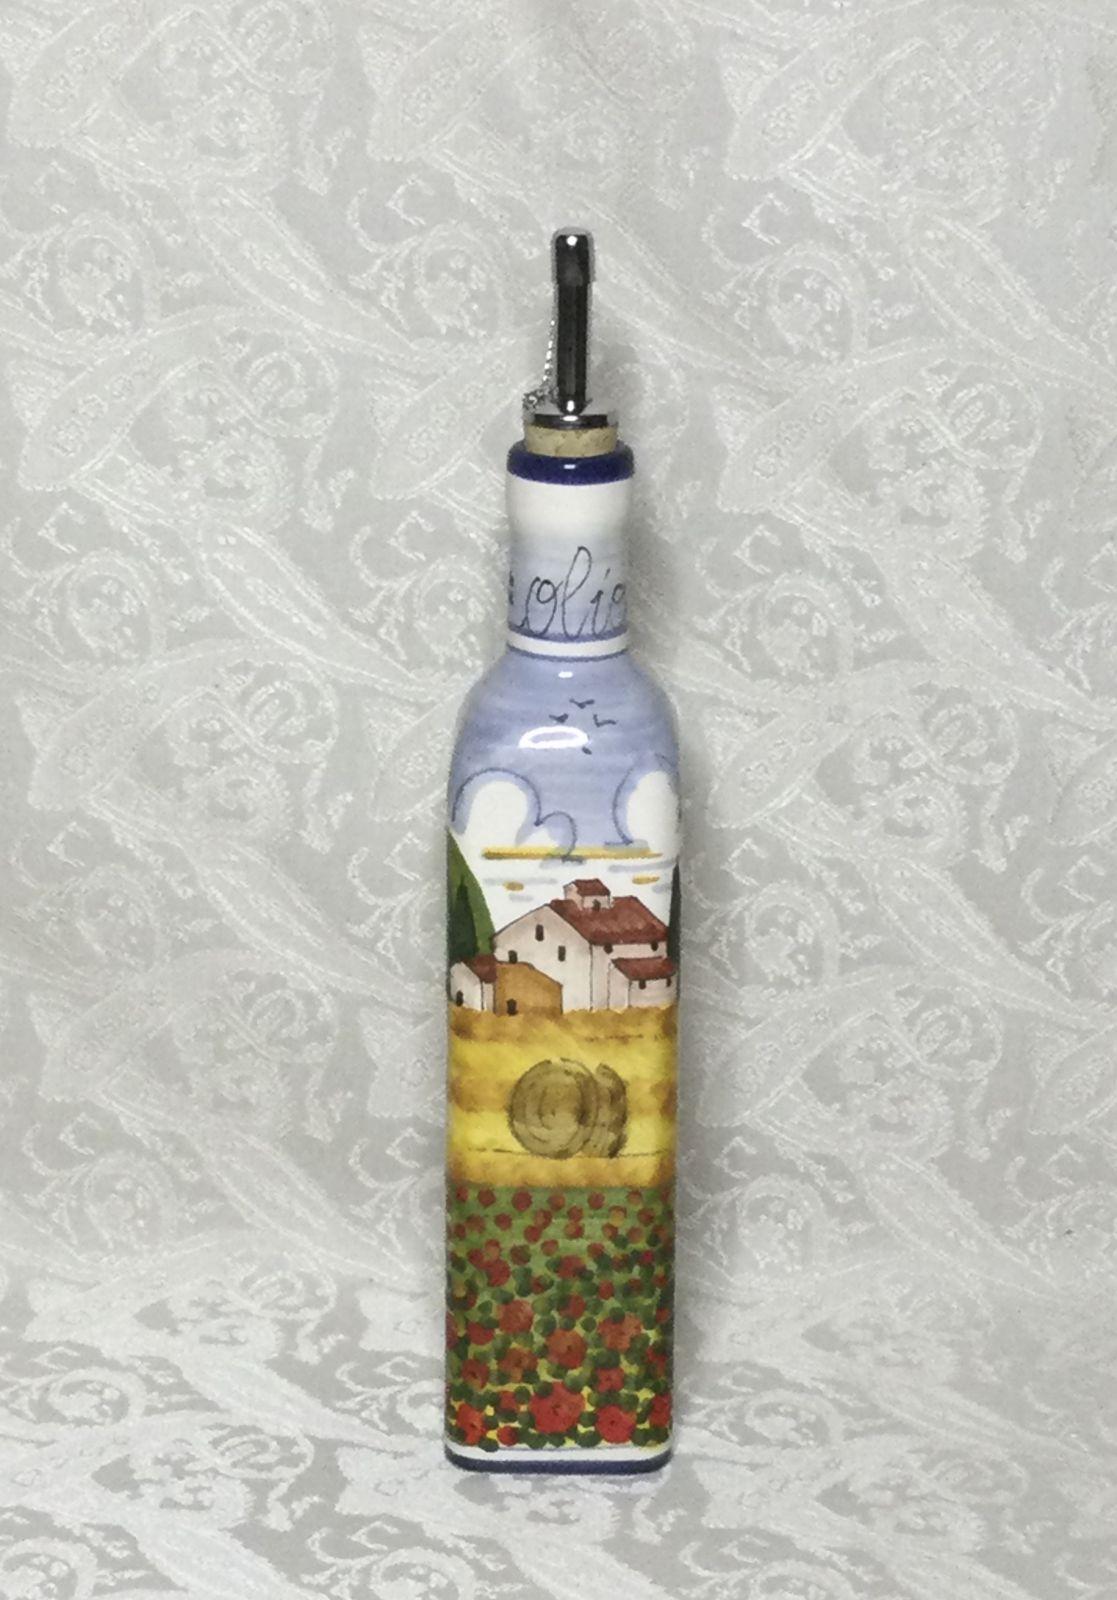 Ampolla olio h25 con paesaggio